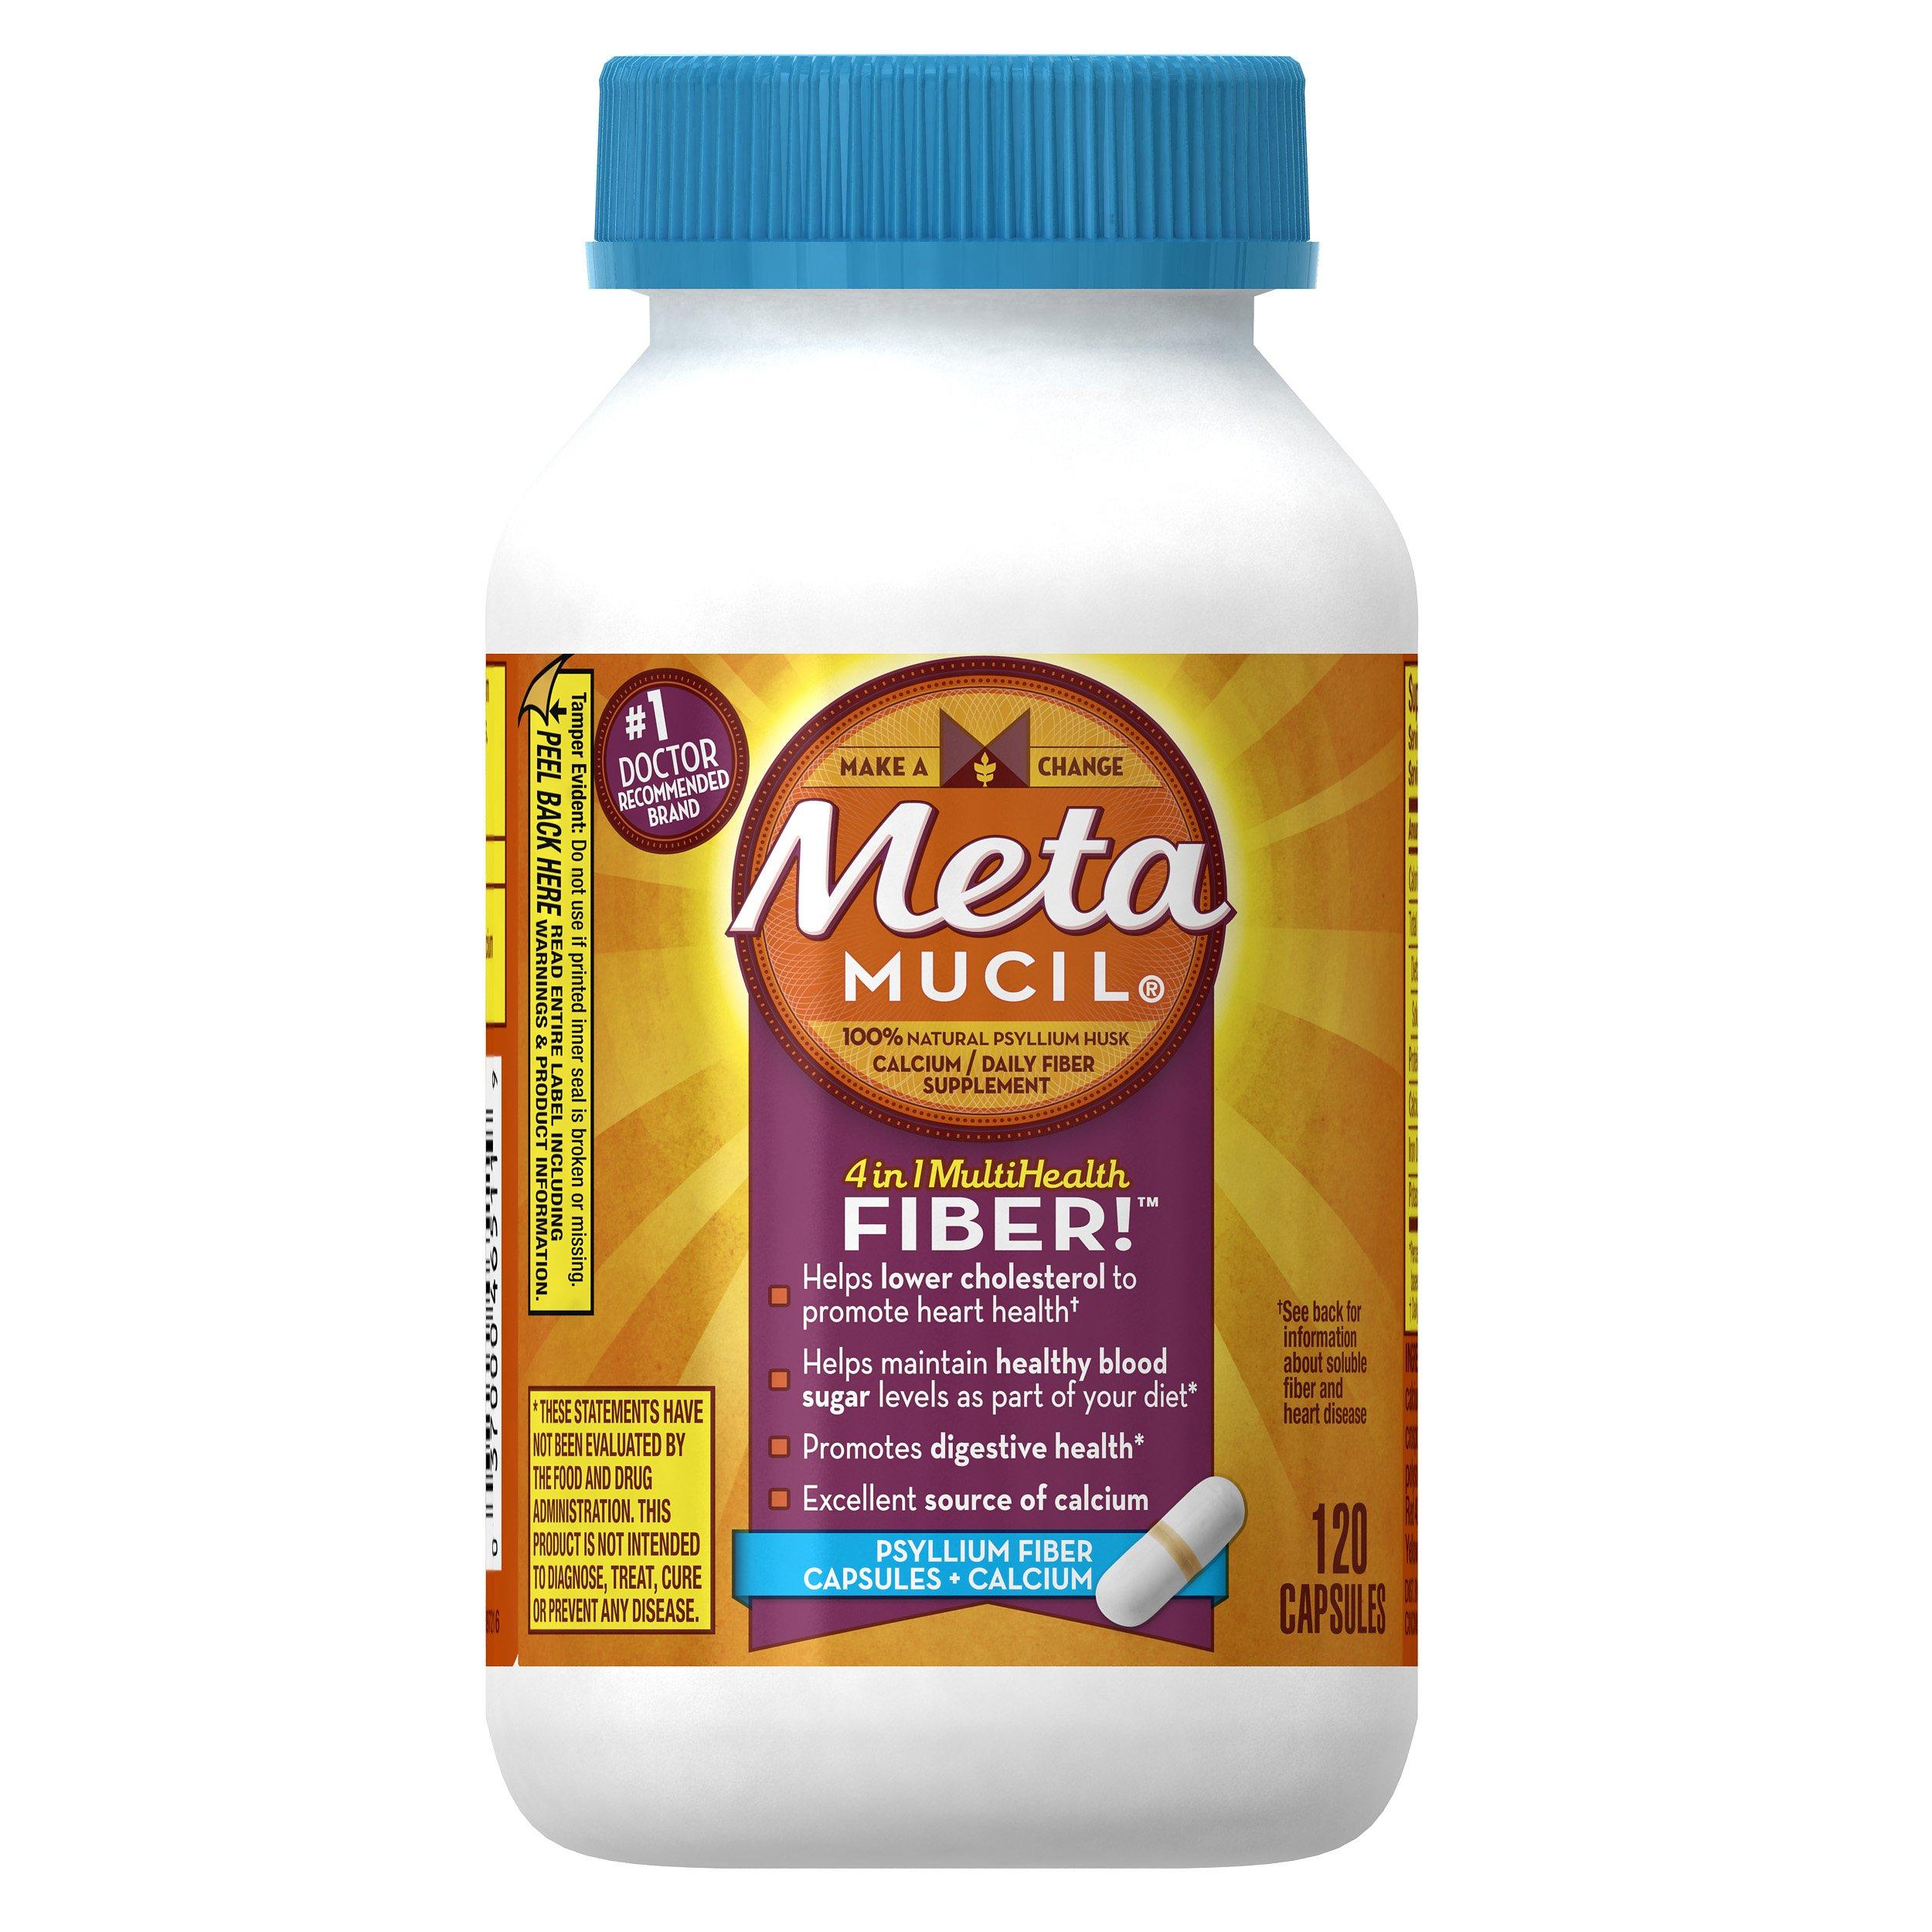 Metamucil Daily Fiber Supplement Plus Calcium, Psyllium Husk Capsules, 120 Capsules by Metamucil